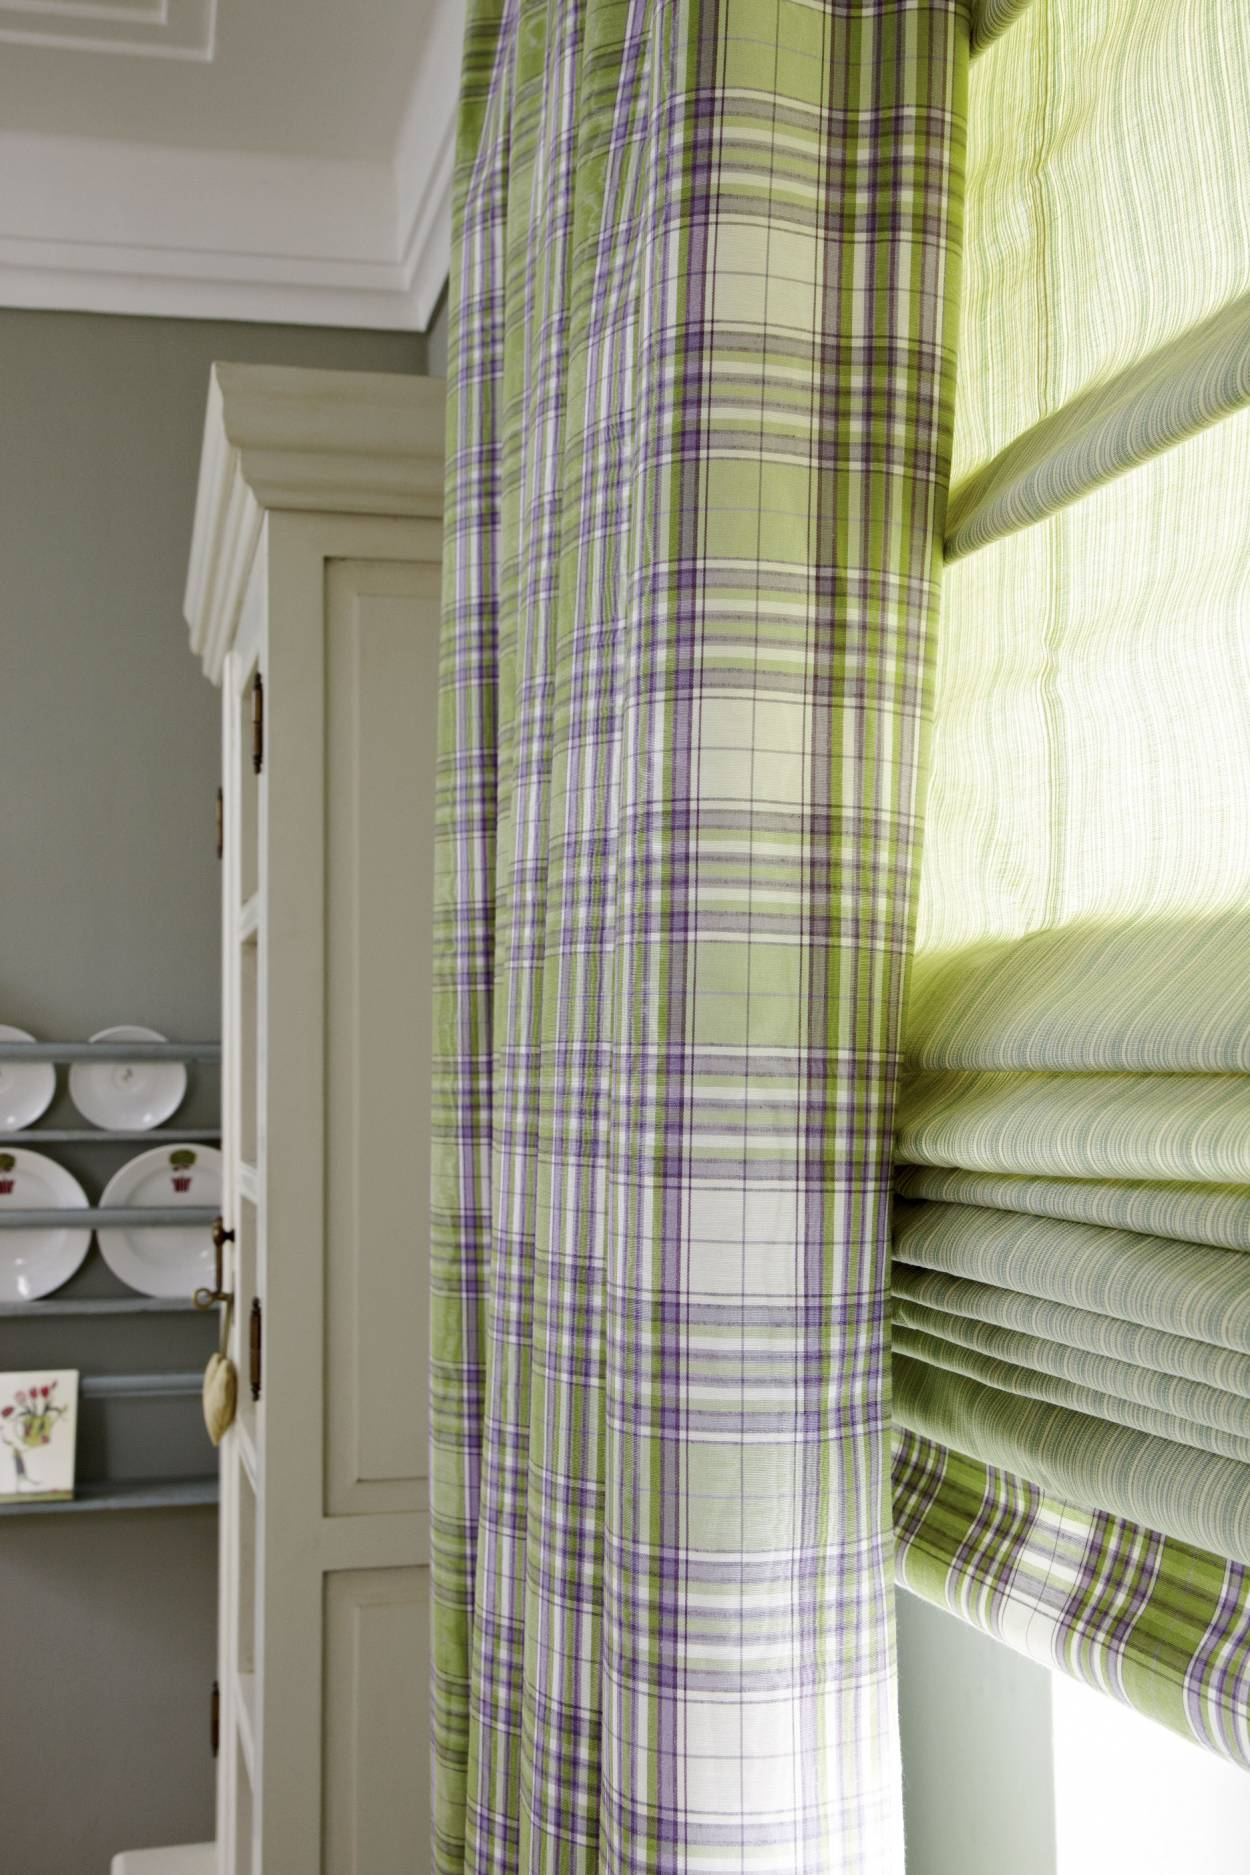 vorh nge dekovorh nge pliss evorh nge vonesch innendekoration. Black Bedroom Furniture Sets. Home Design Ideas